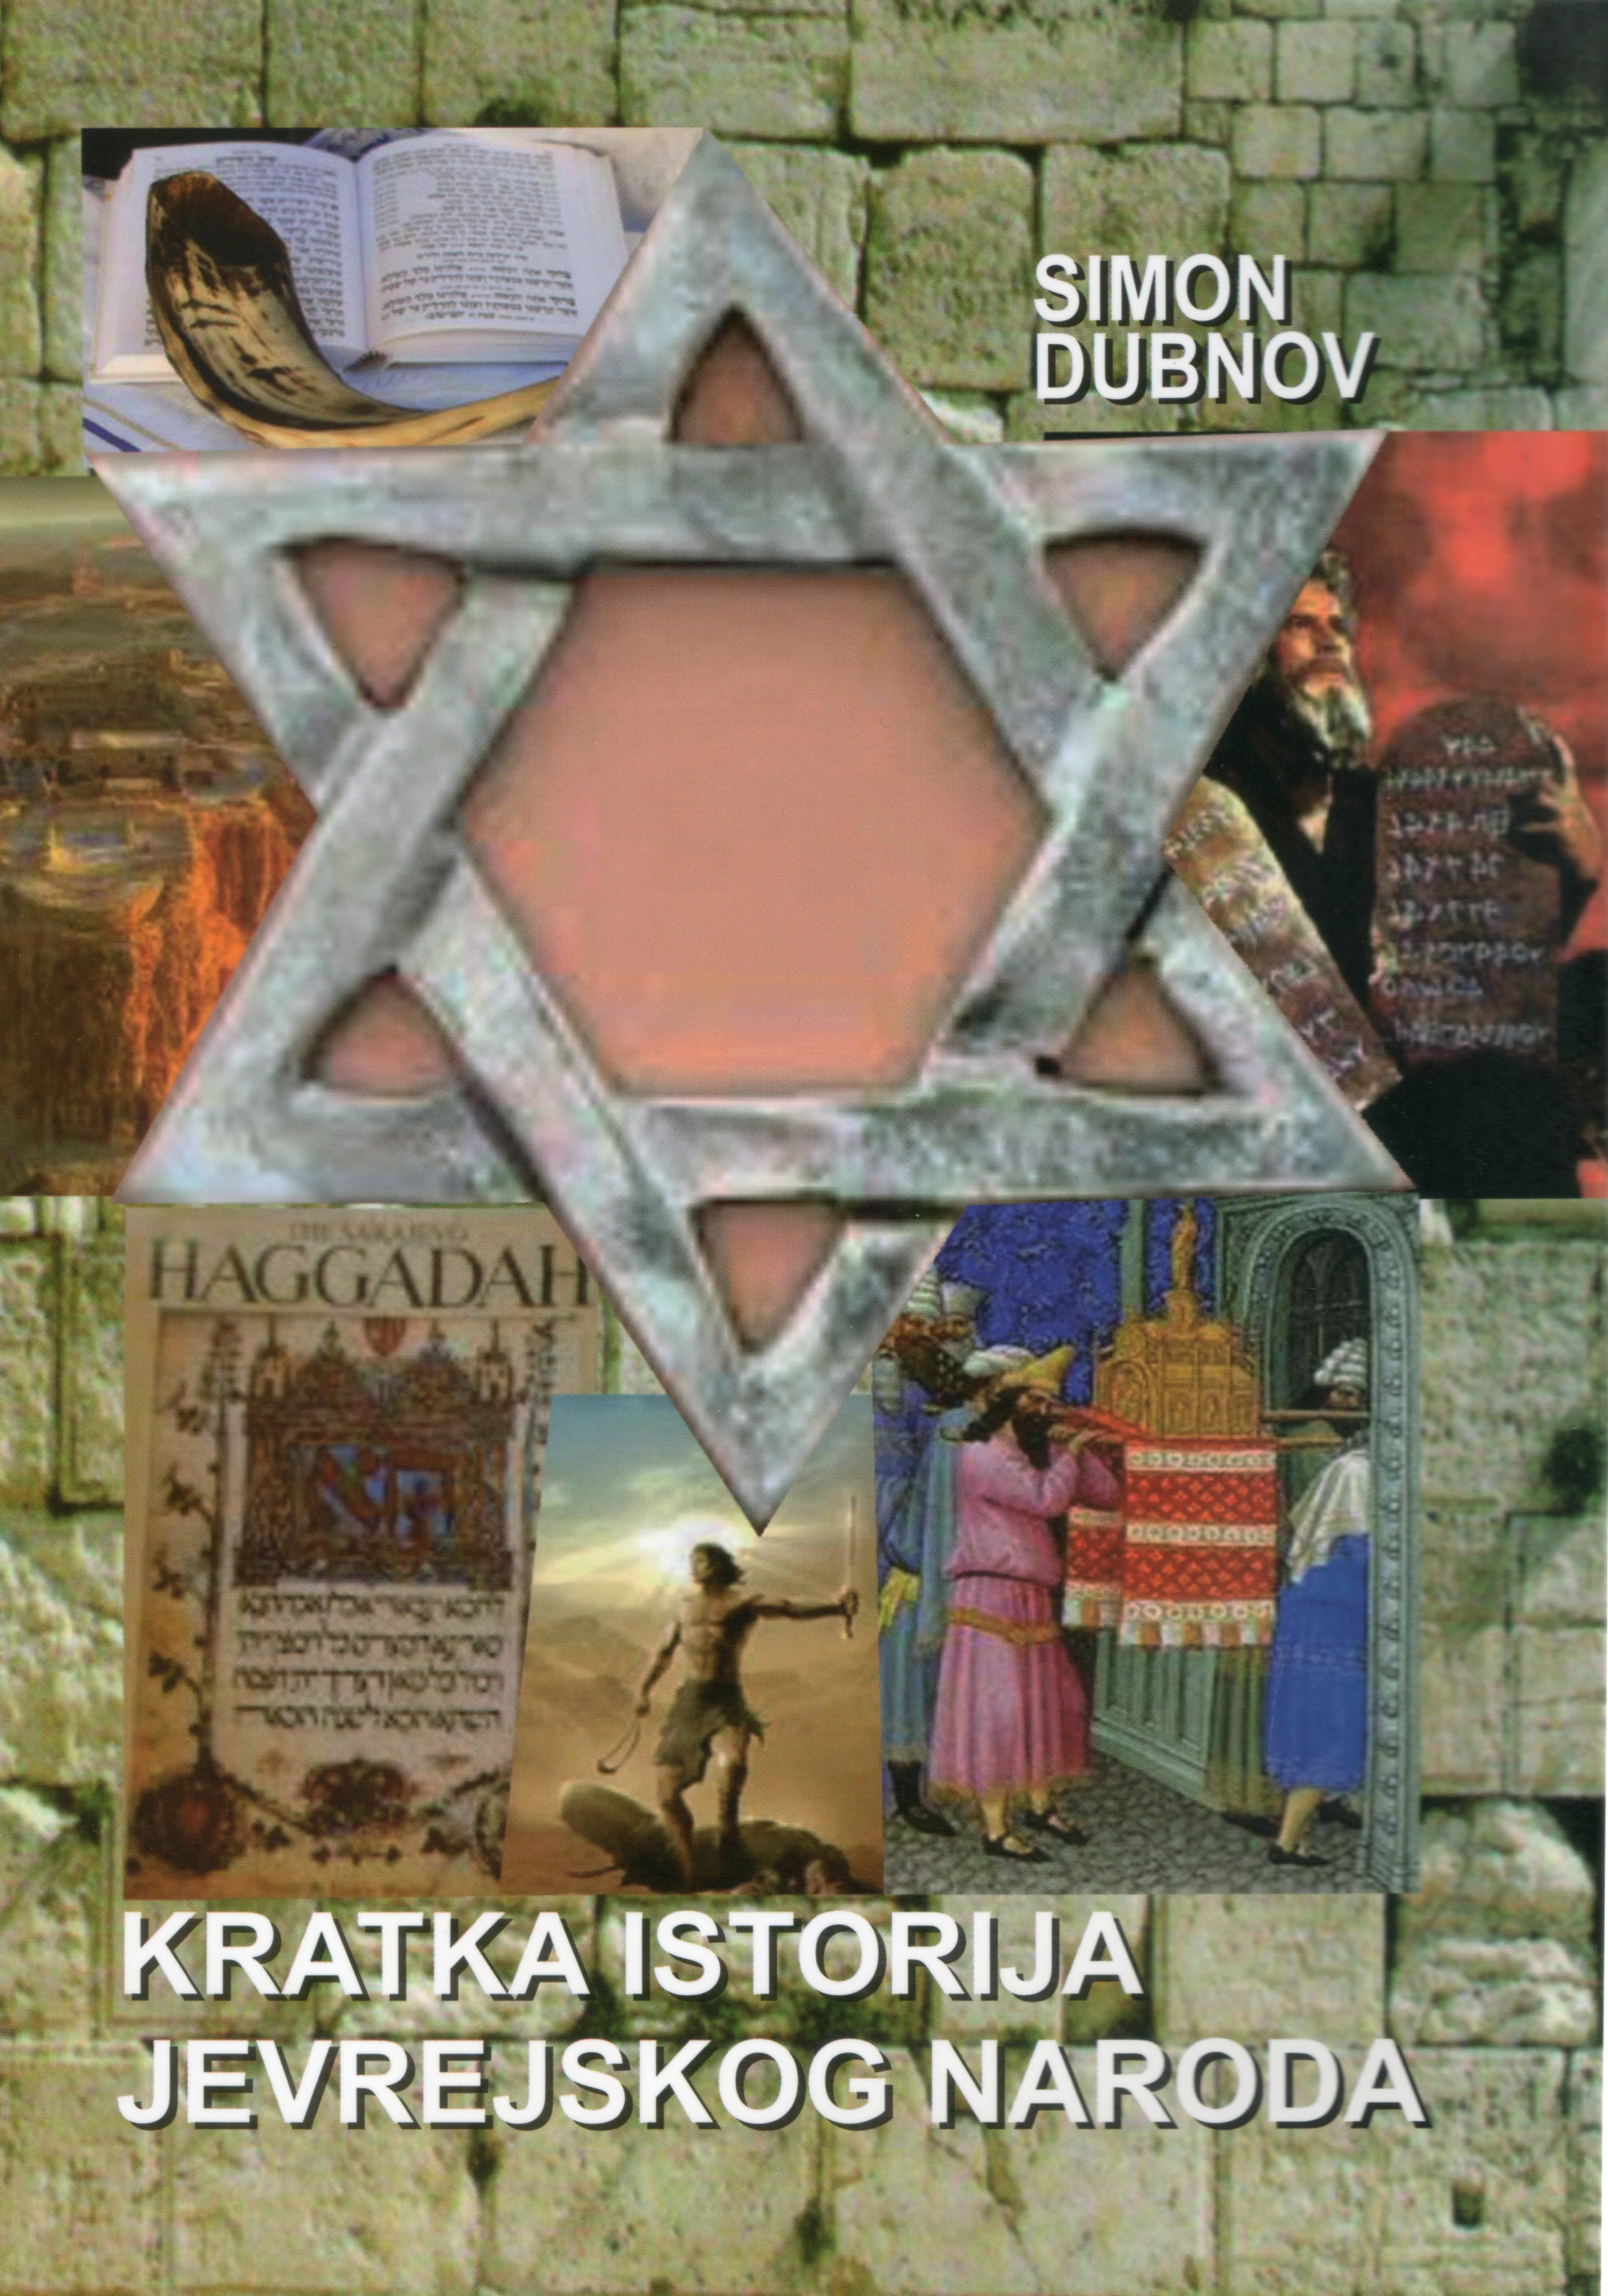 Kratka istorija jevrejskog naroda